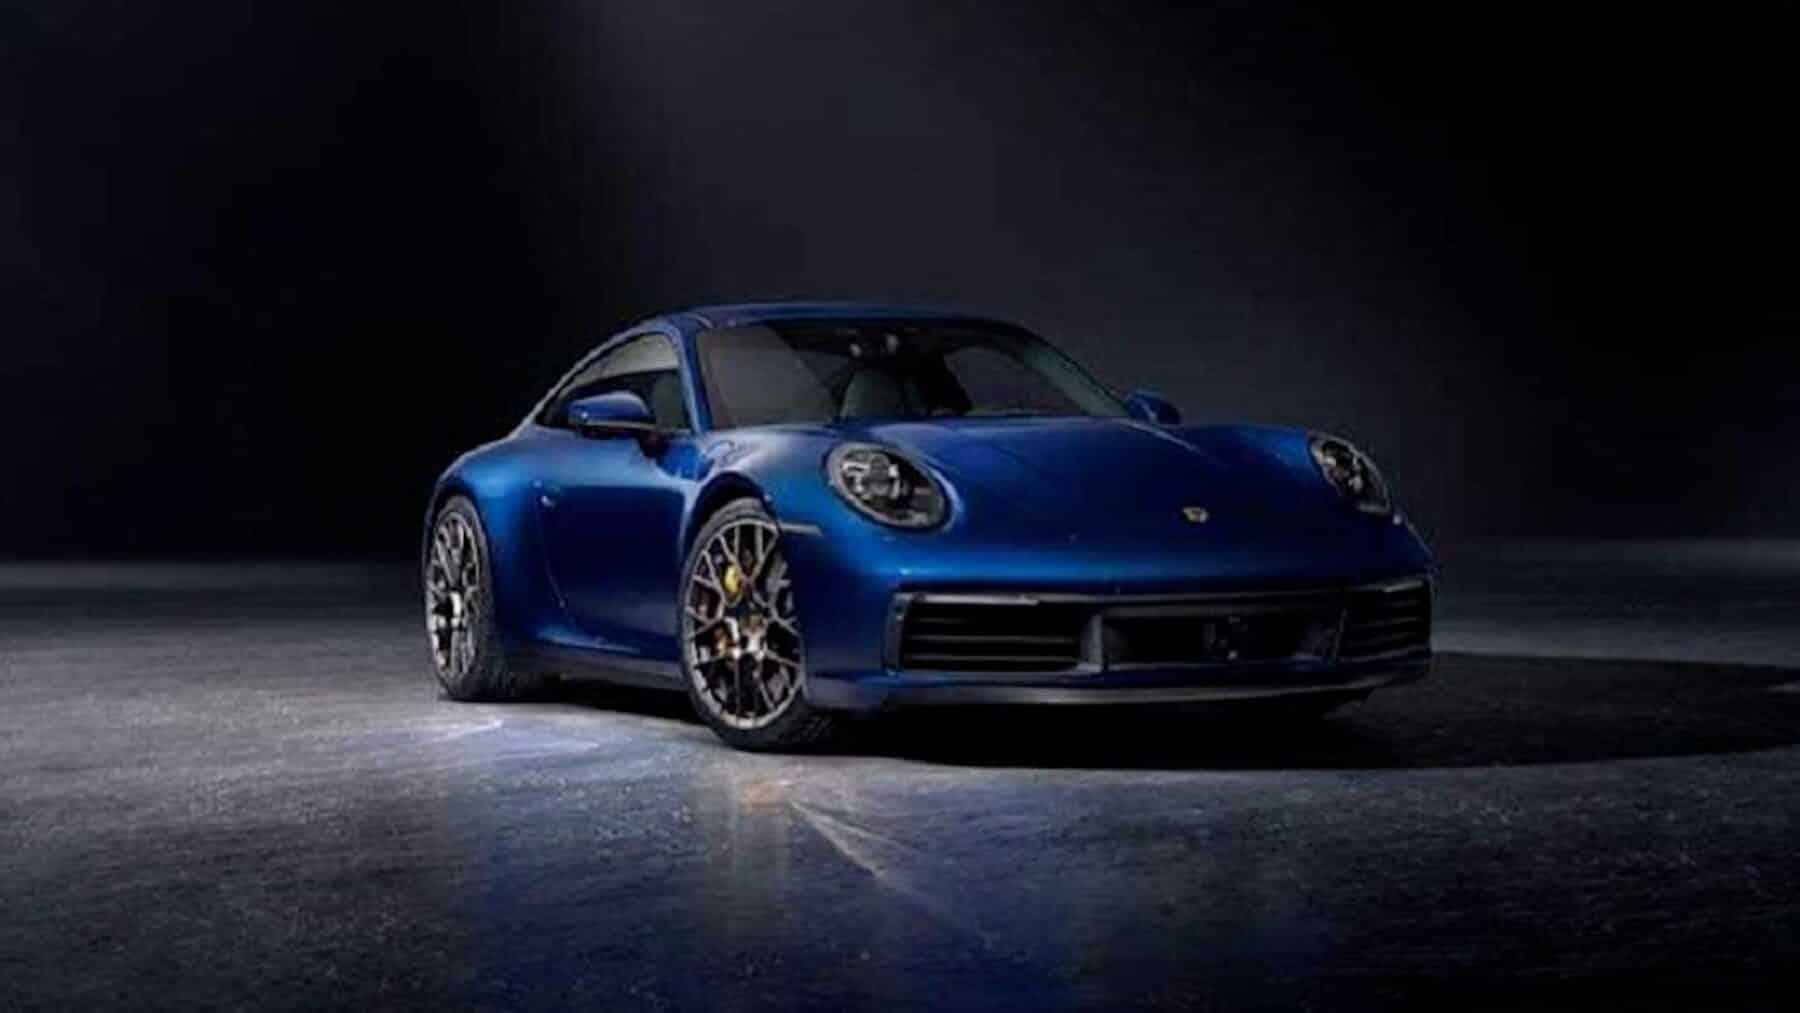 ¡Filtrado! Así luce al natural el nuevo Porsche 911 2019 unos días antes de su debut